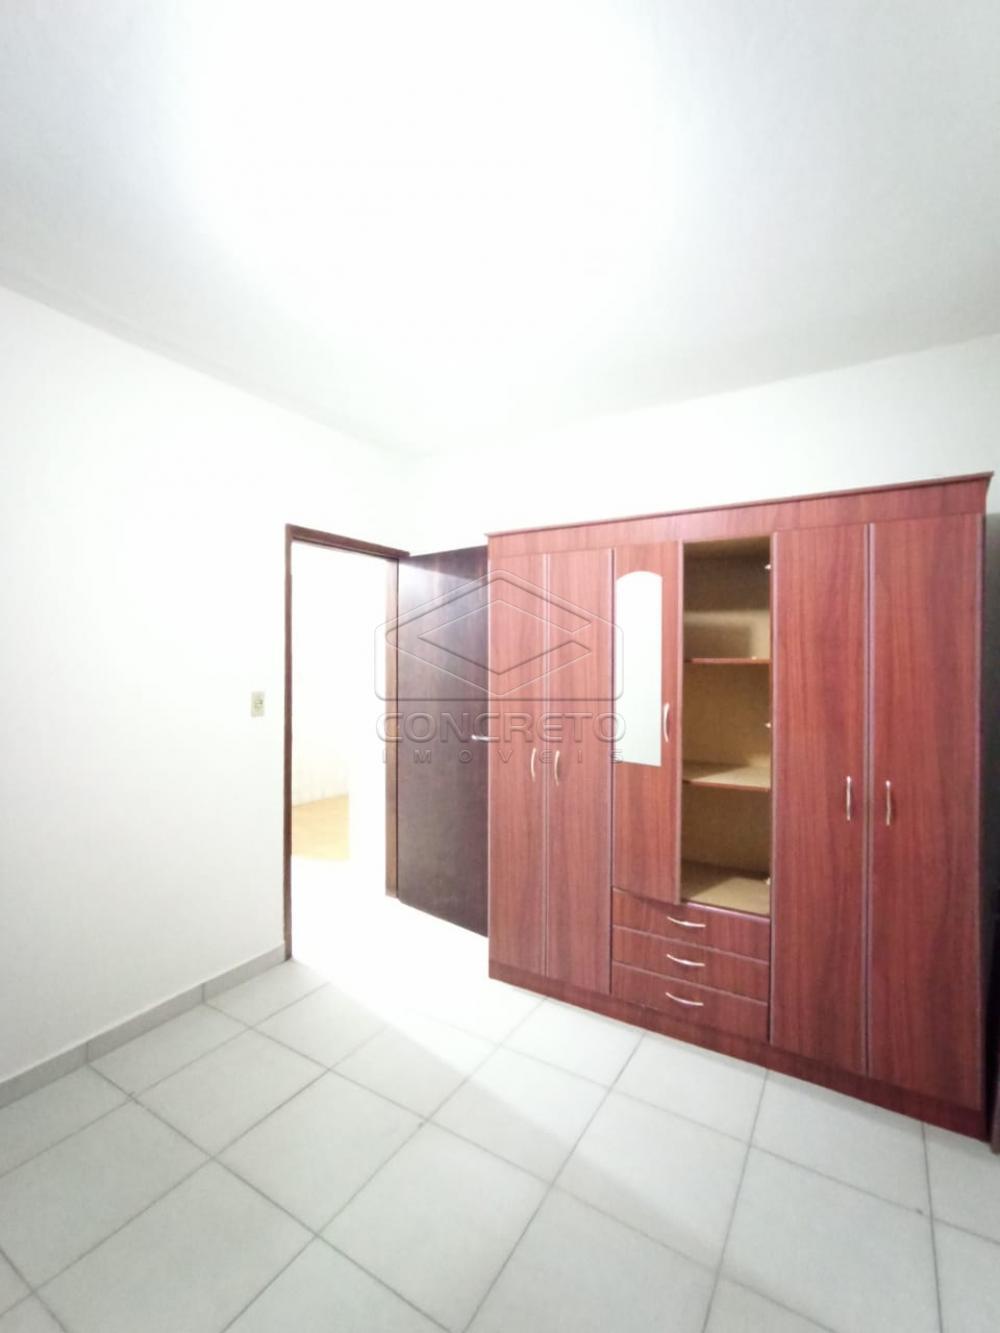 Alugar Casa / Padrão em Bauru apenas R$ 950,00 - Foto 5